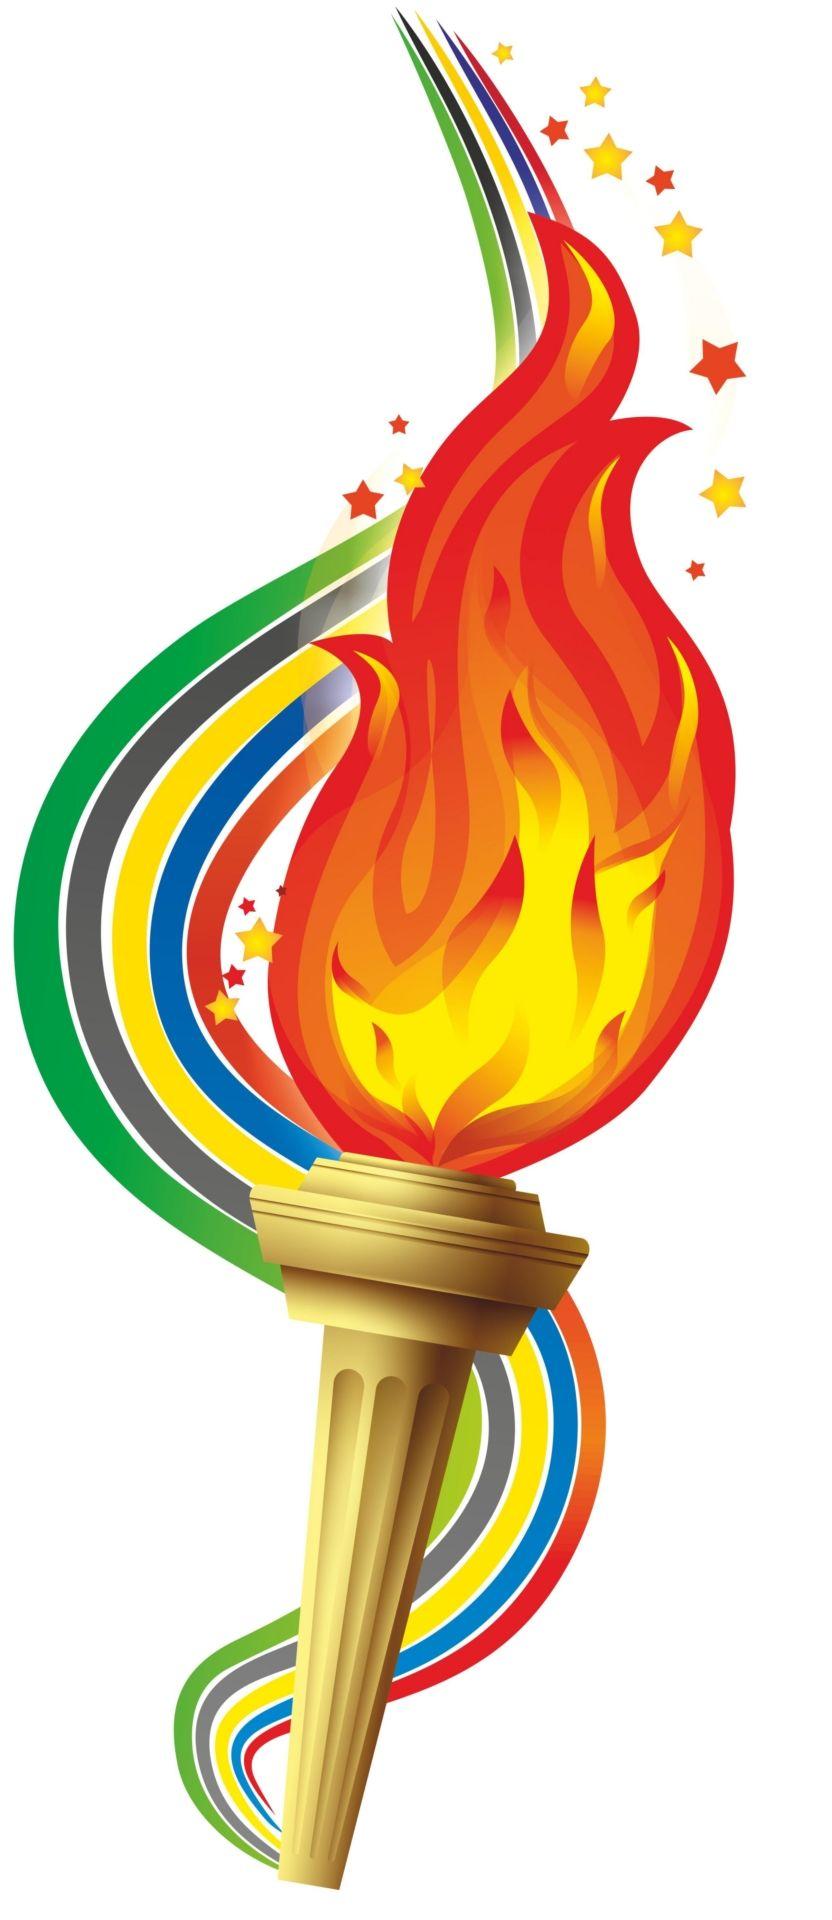 Плакат вырубной Олимпийский огонь: 208х506 ммВырубные фигуры<br>.<br><br>Год: 2017<br>Серия: Вырубные фигуры для оформления<br>Высота: 506<br>Ширина: 208<br>Переплёт: набор